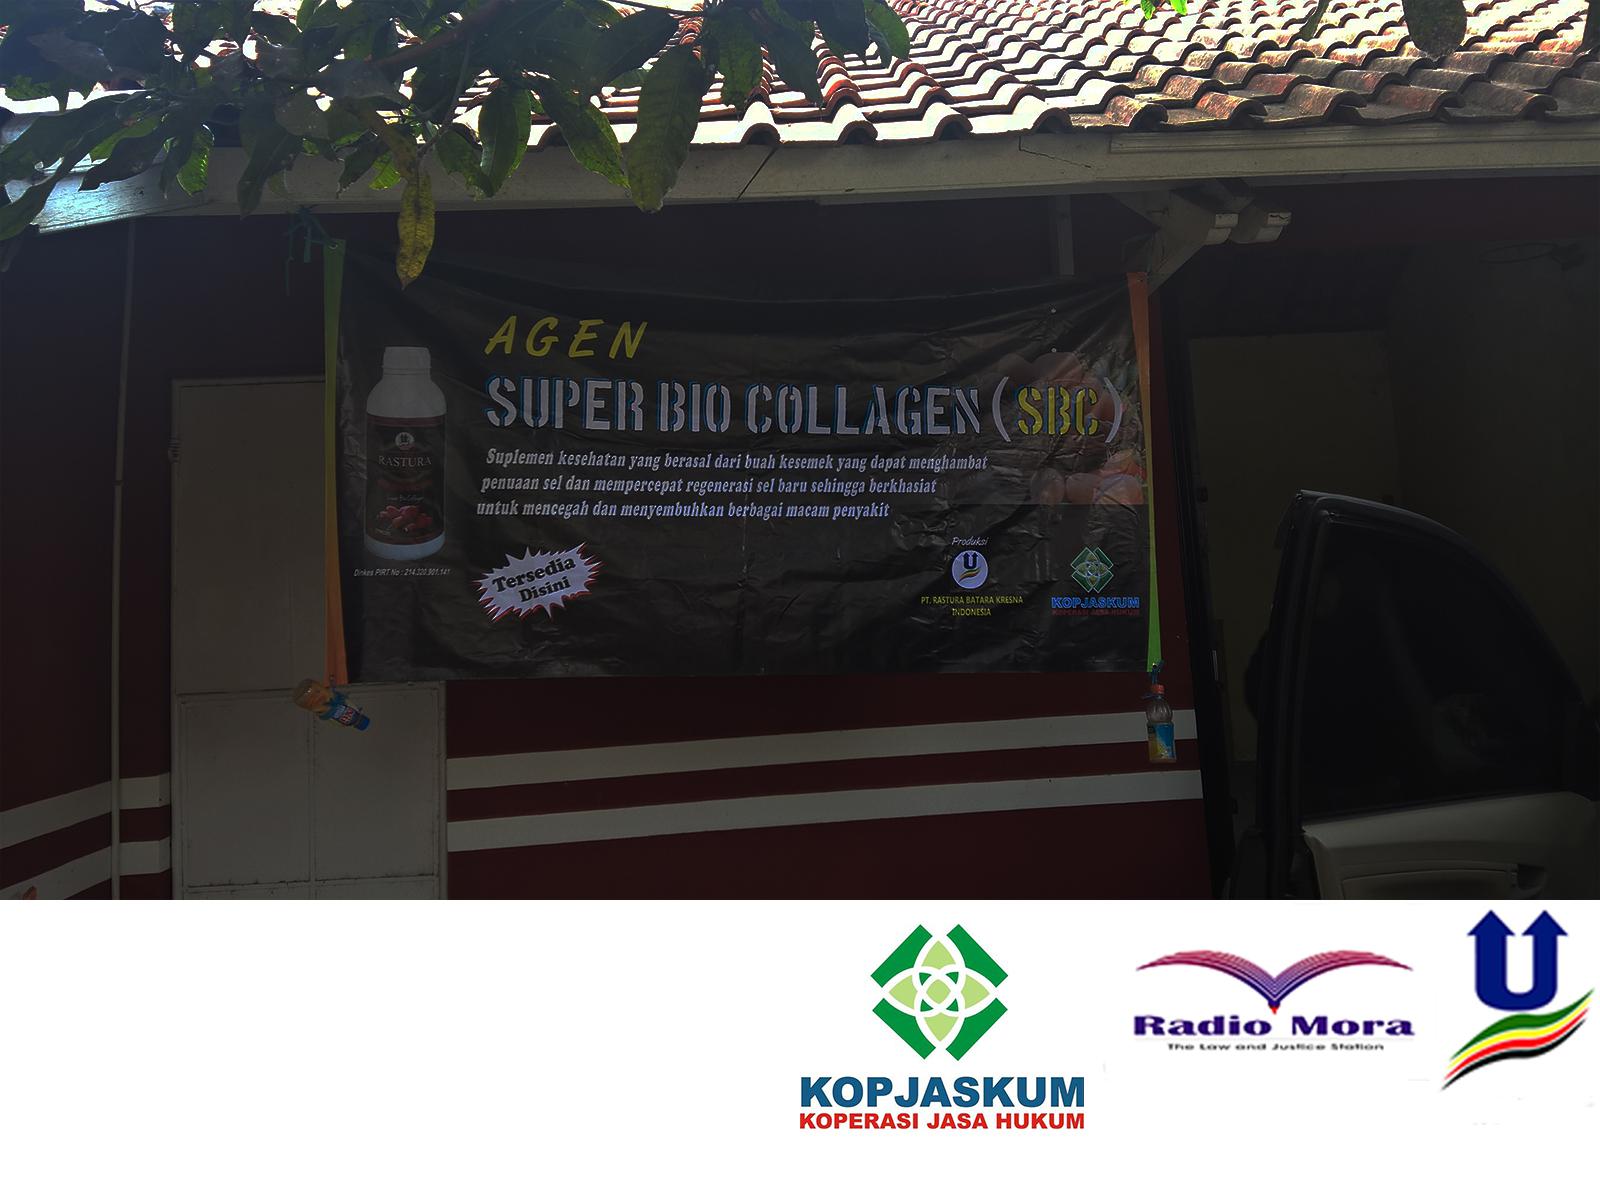 agen resmi superbiocollagen banner